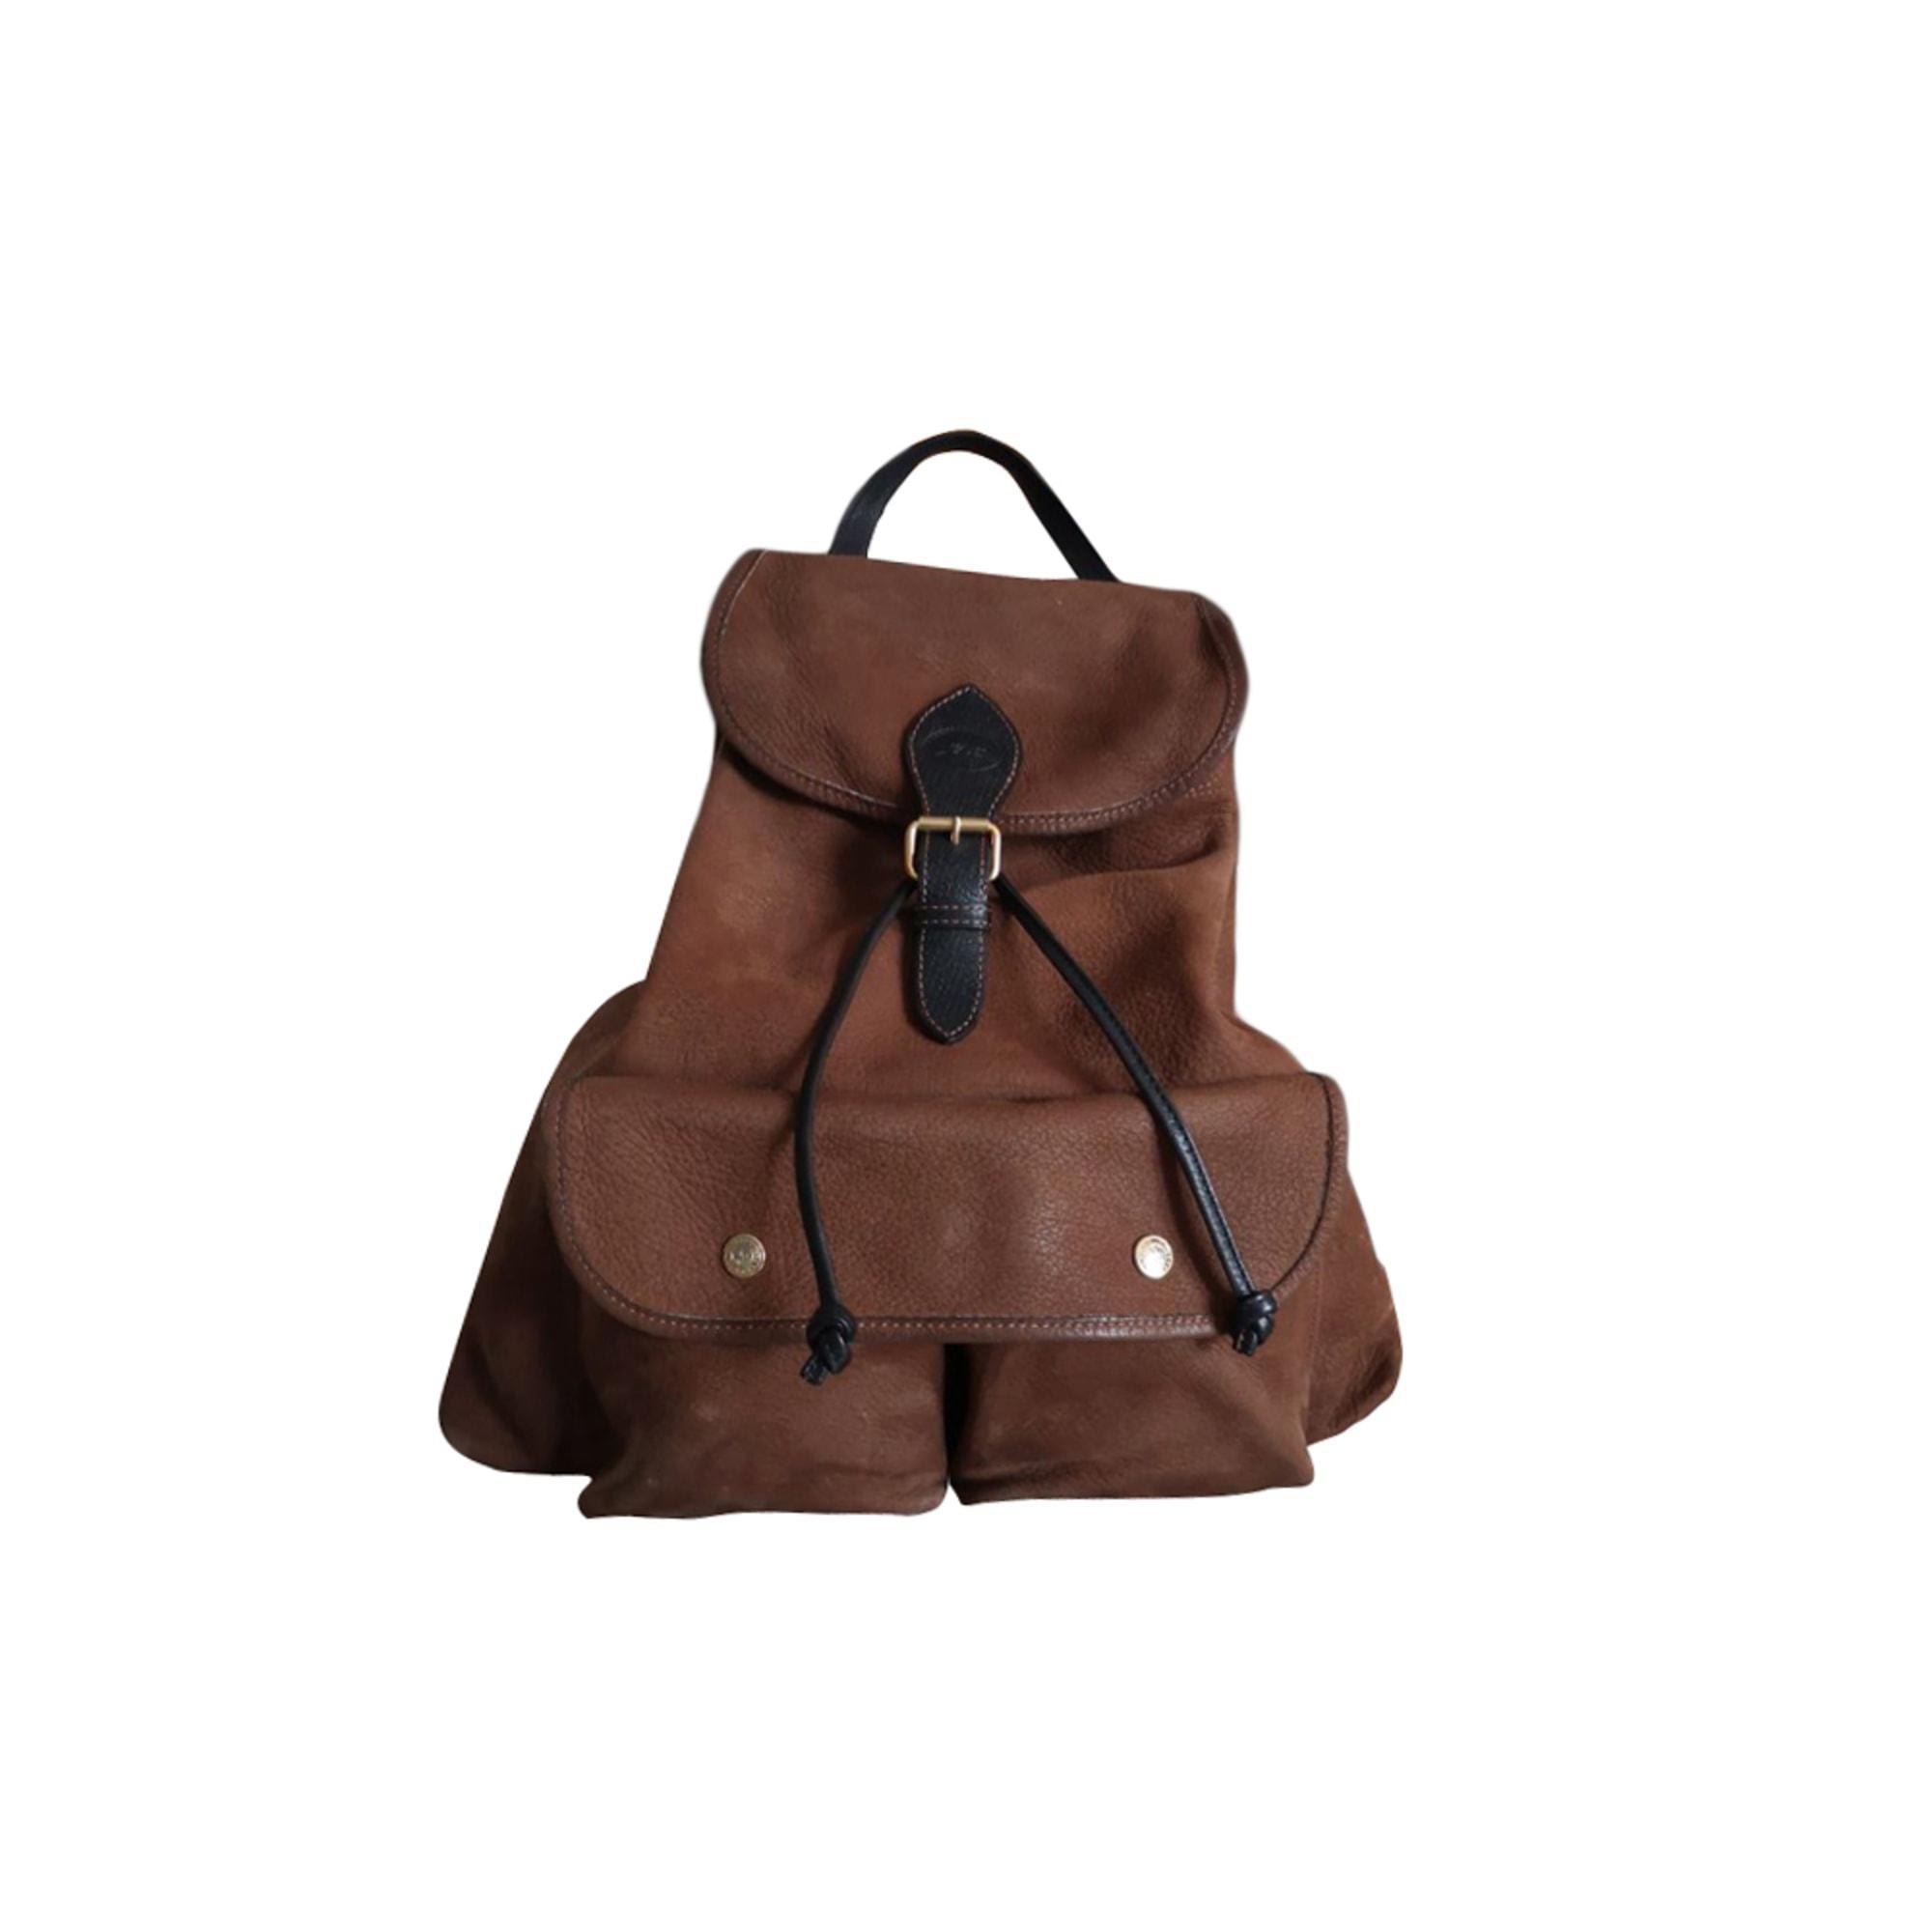 Sac à dos cuir marron Longchamp en coloris Marron Lyst